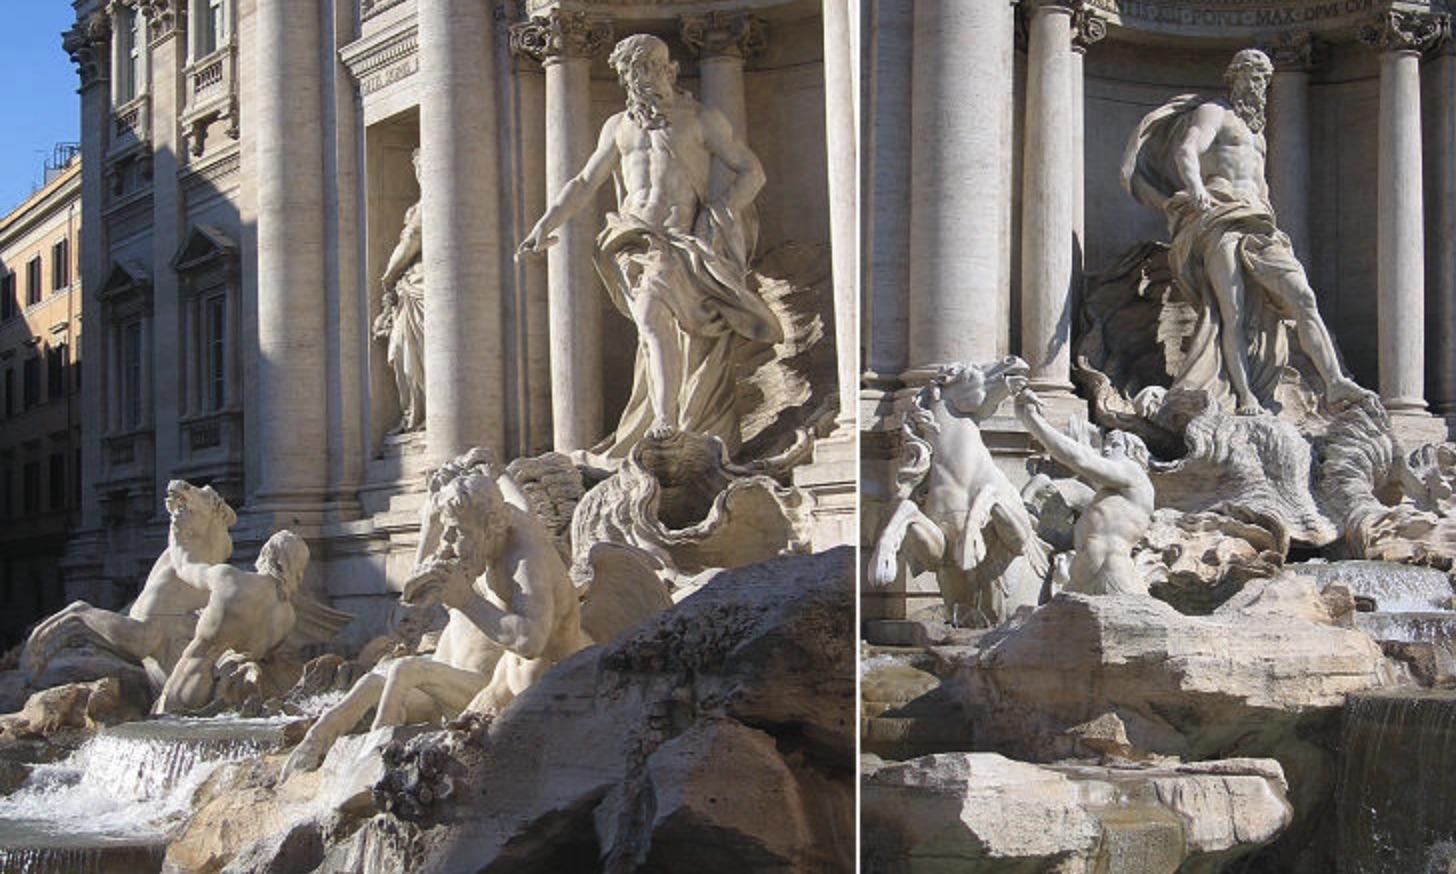 Oceanus, Trevi Fountain